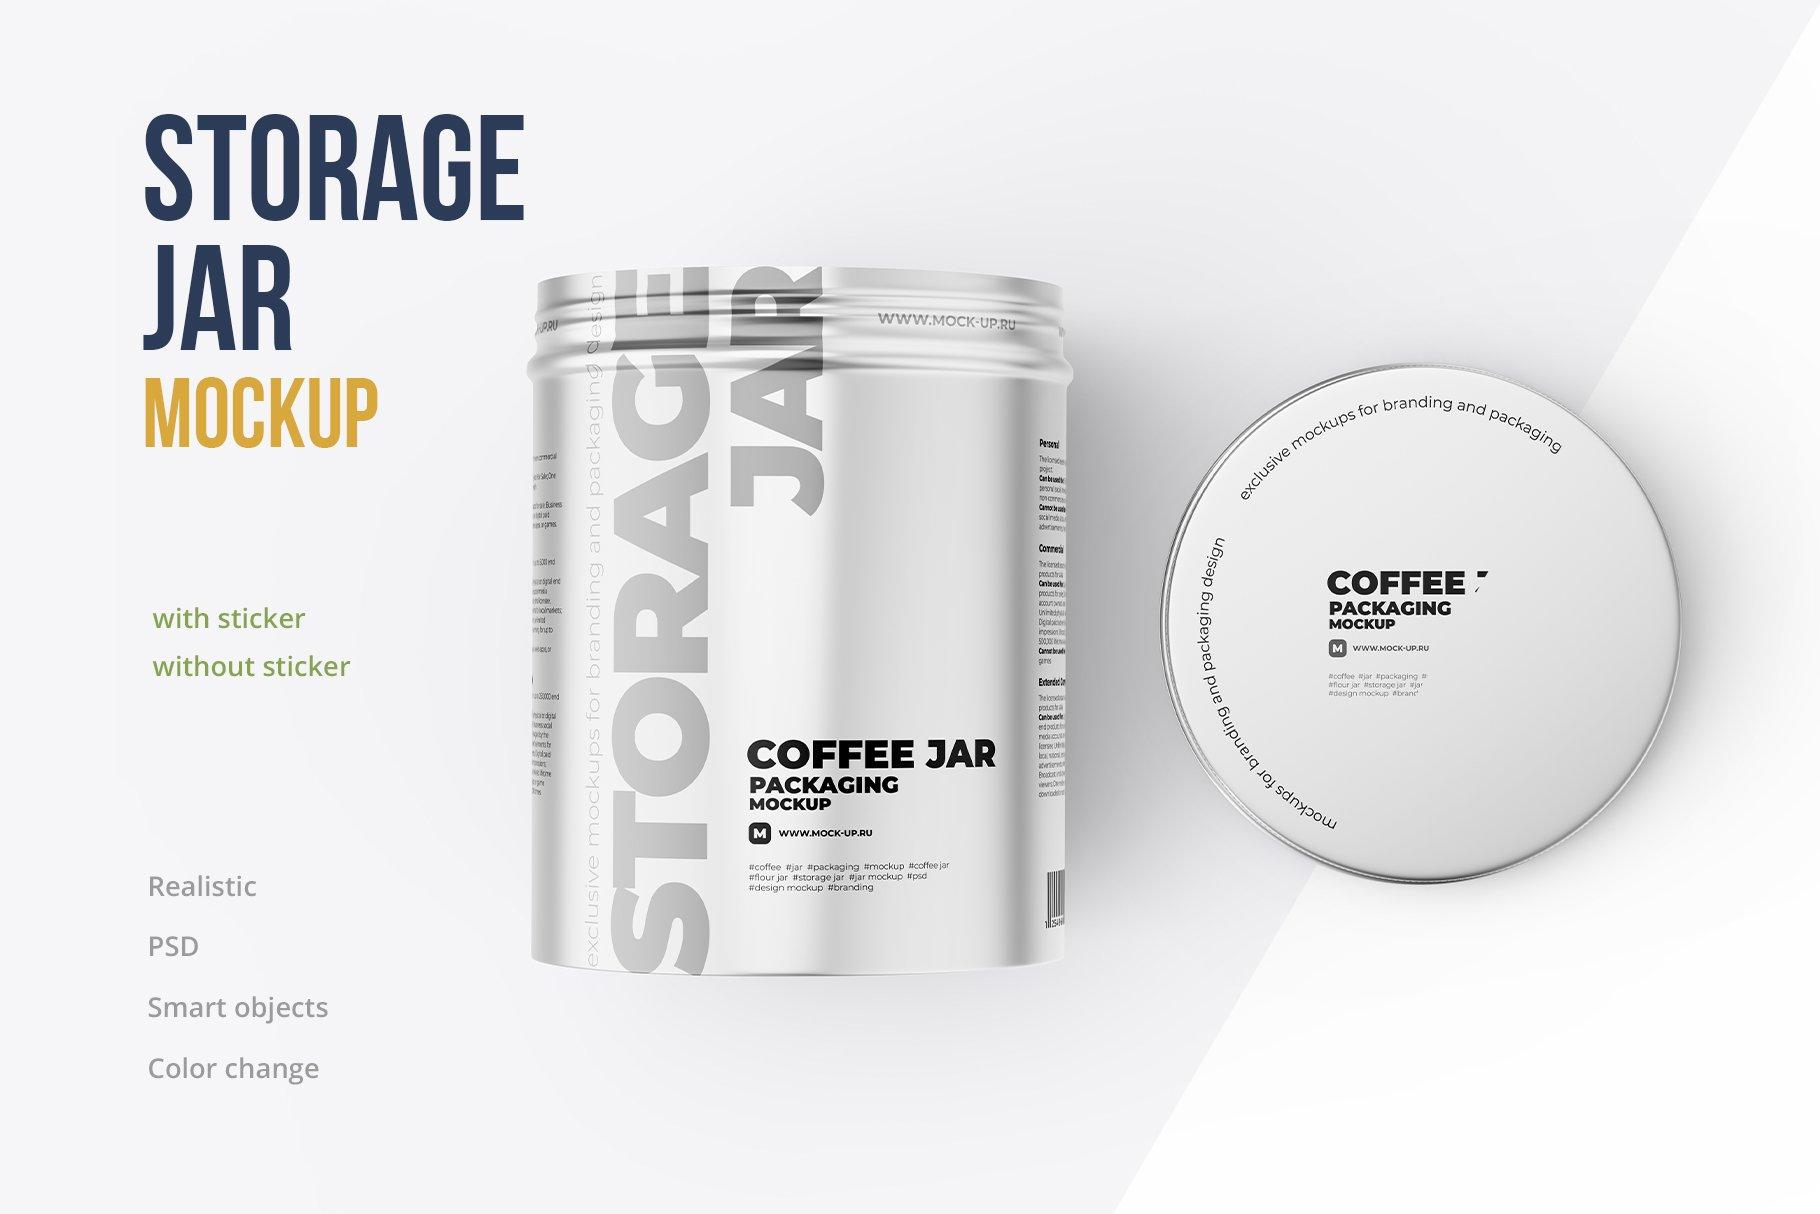 顶视图开盖茶叶零食金属罐标签设计展示贴图样机 Metallic Storage Open Jar. Top View插图